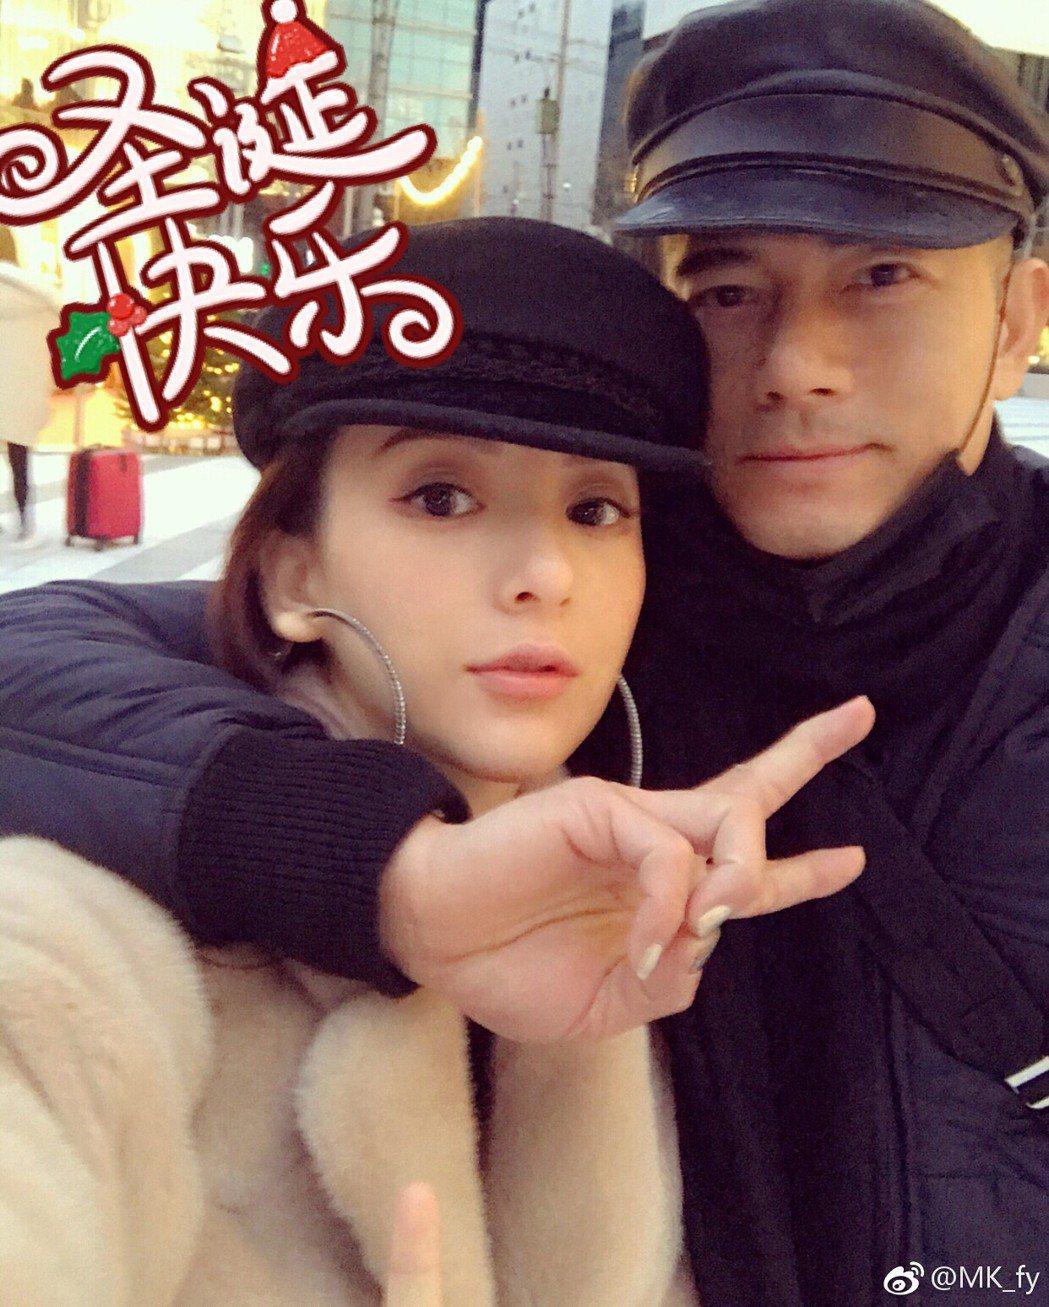 郭富城(右)與老婆方媛(左)難得公開合照。 圖/擷自方媛微博